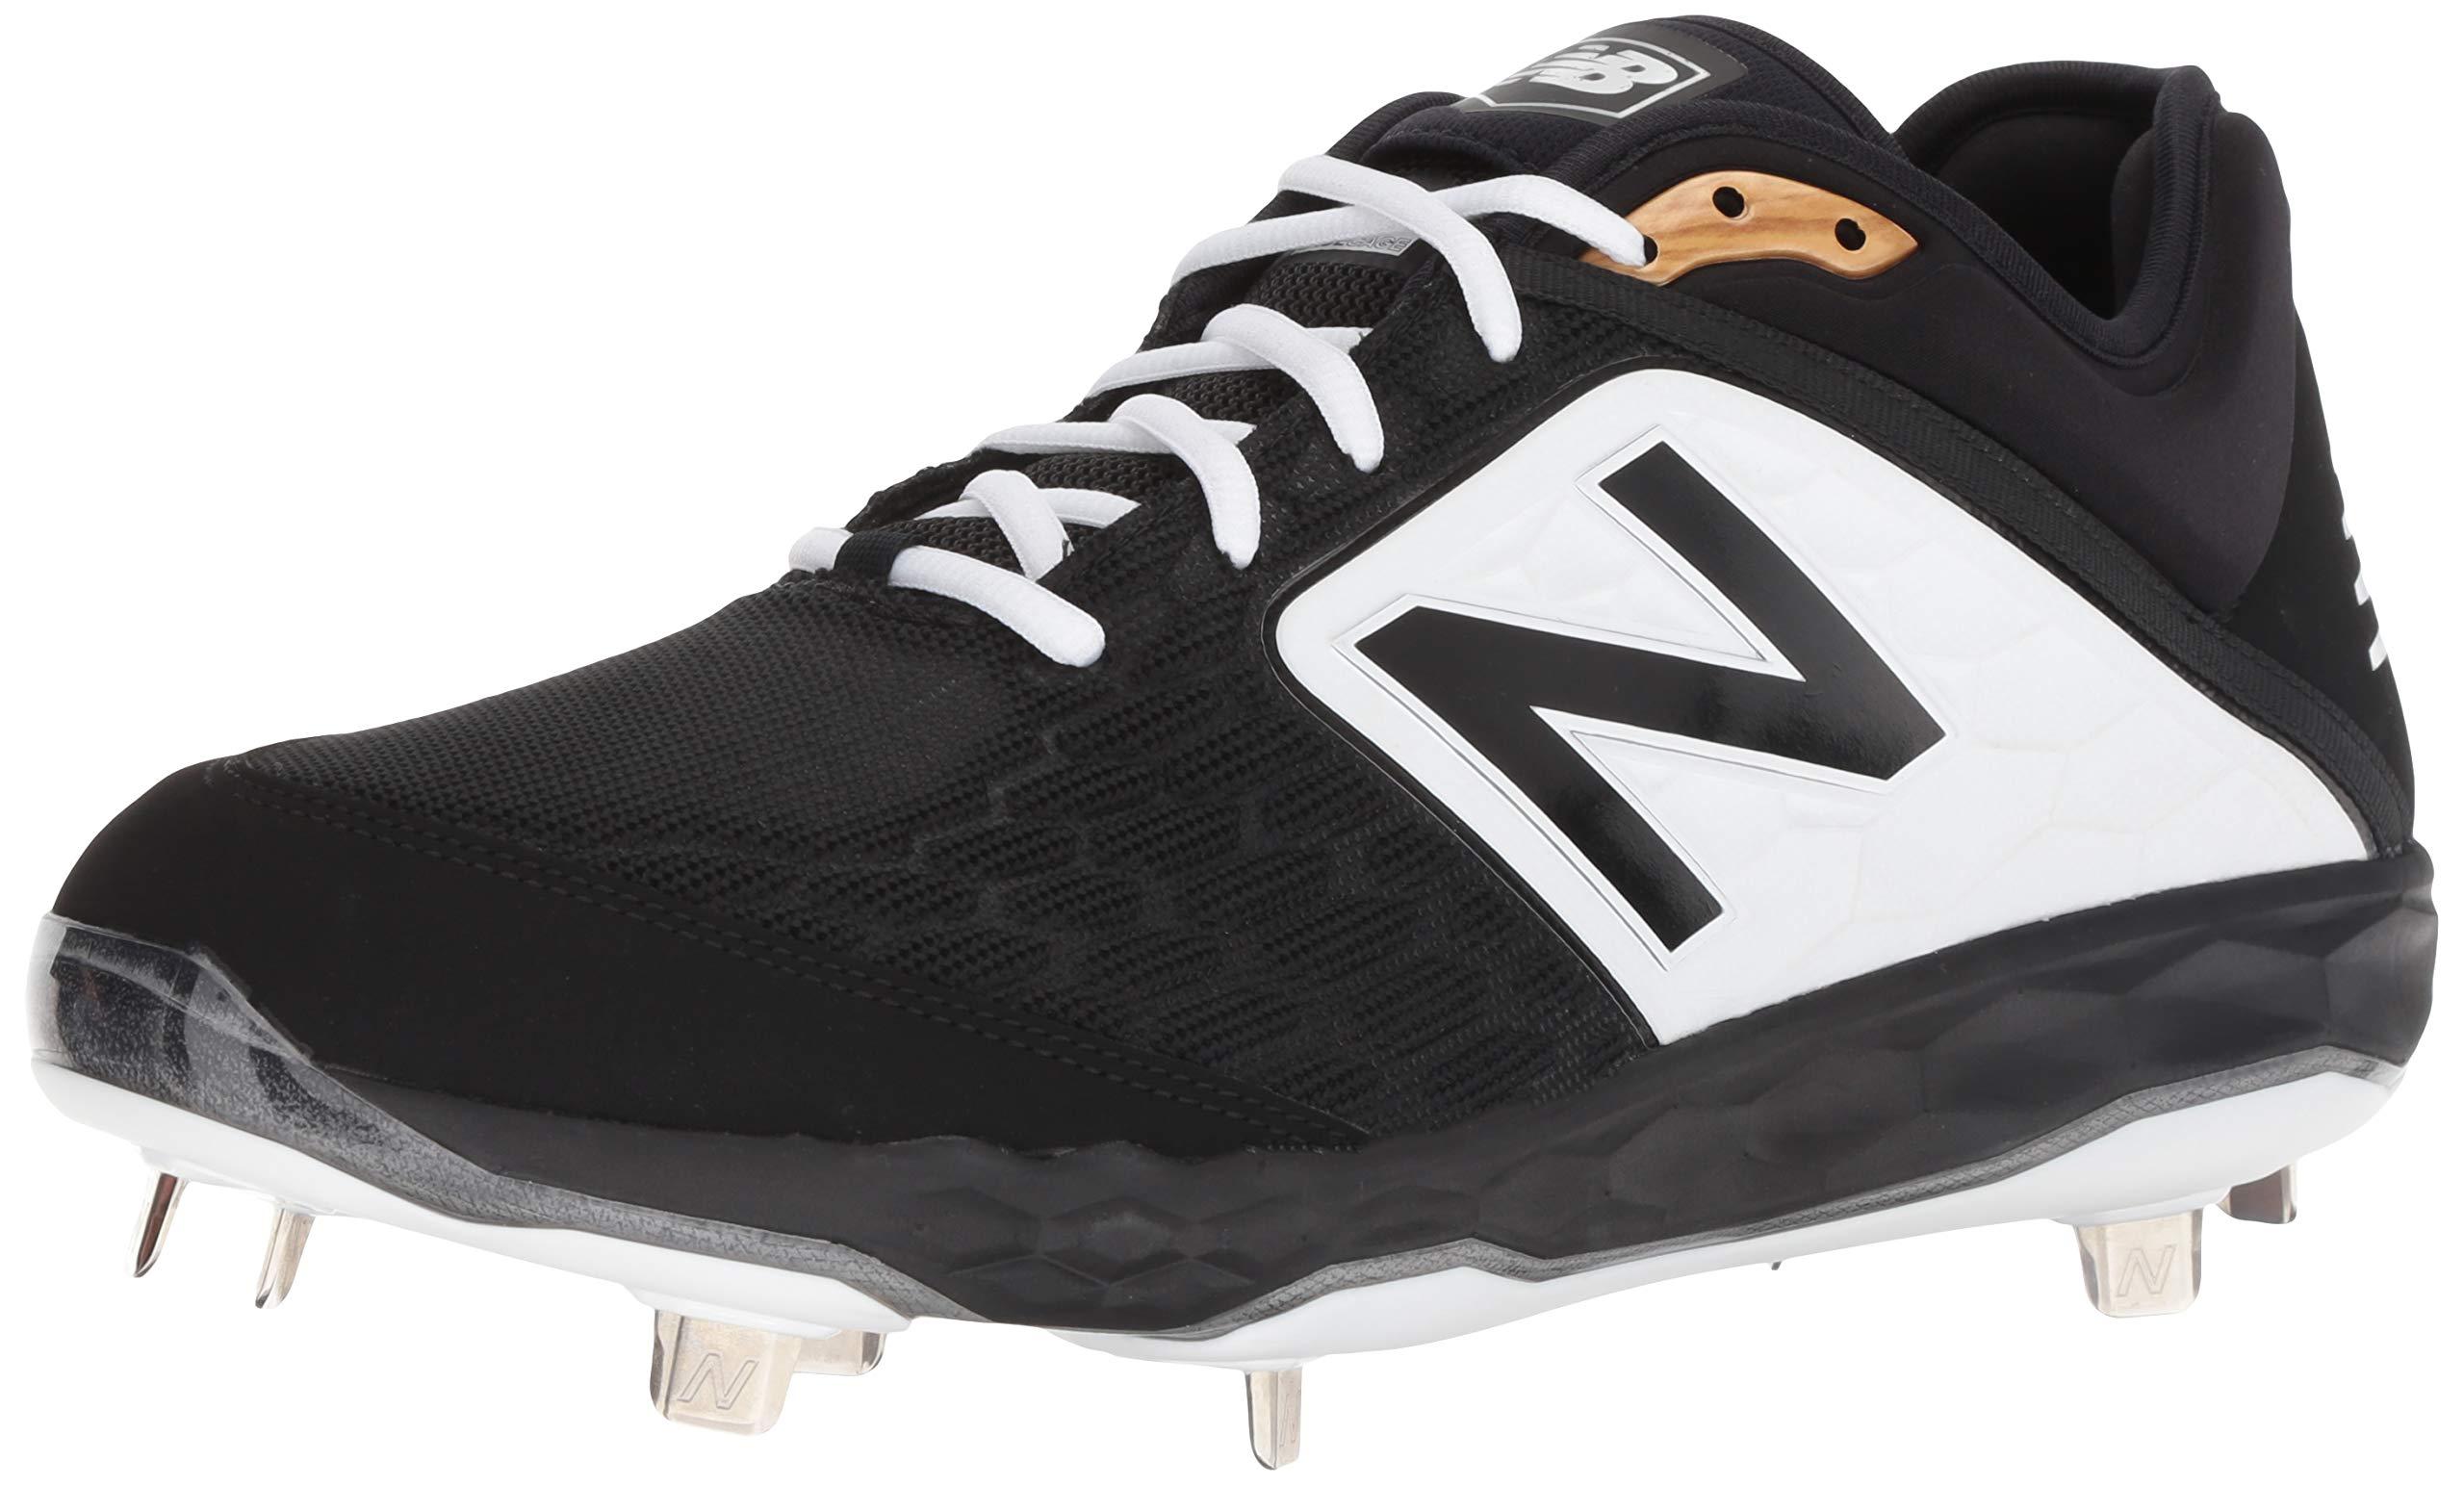 New Balance Men's 3000v4 Baseball Shoe, Black/White, 5 D US